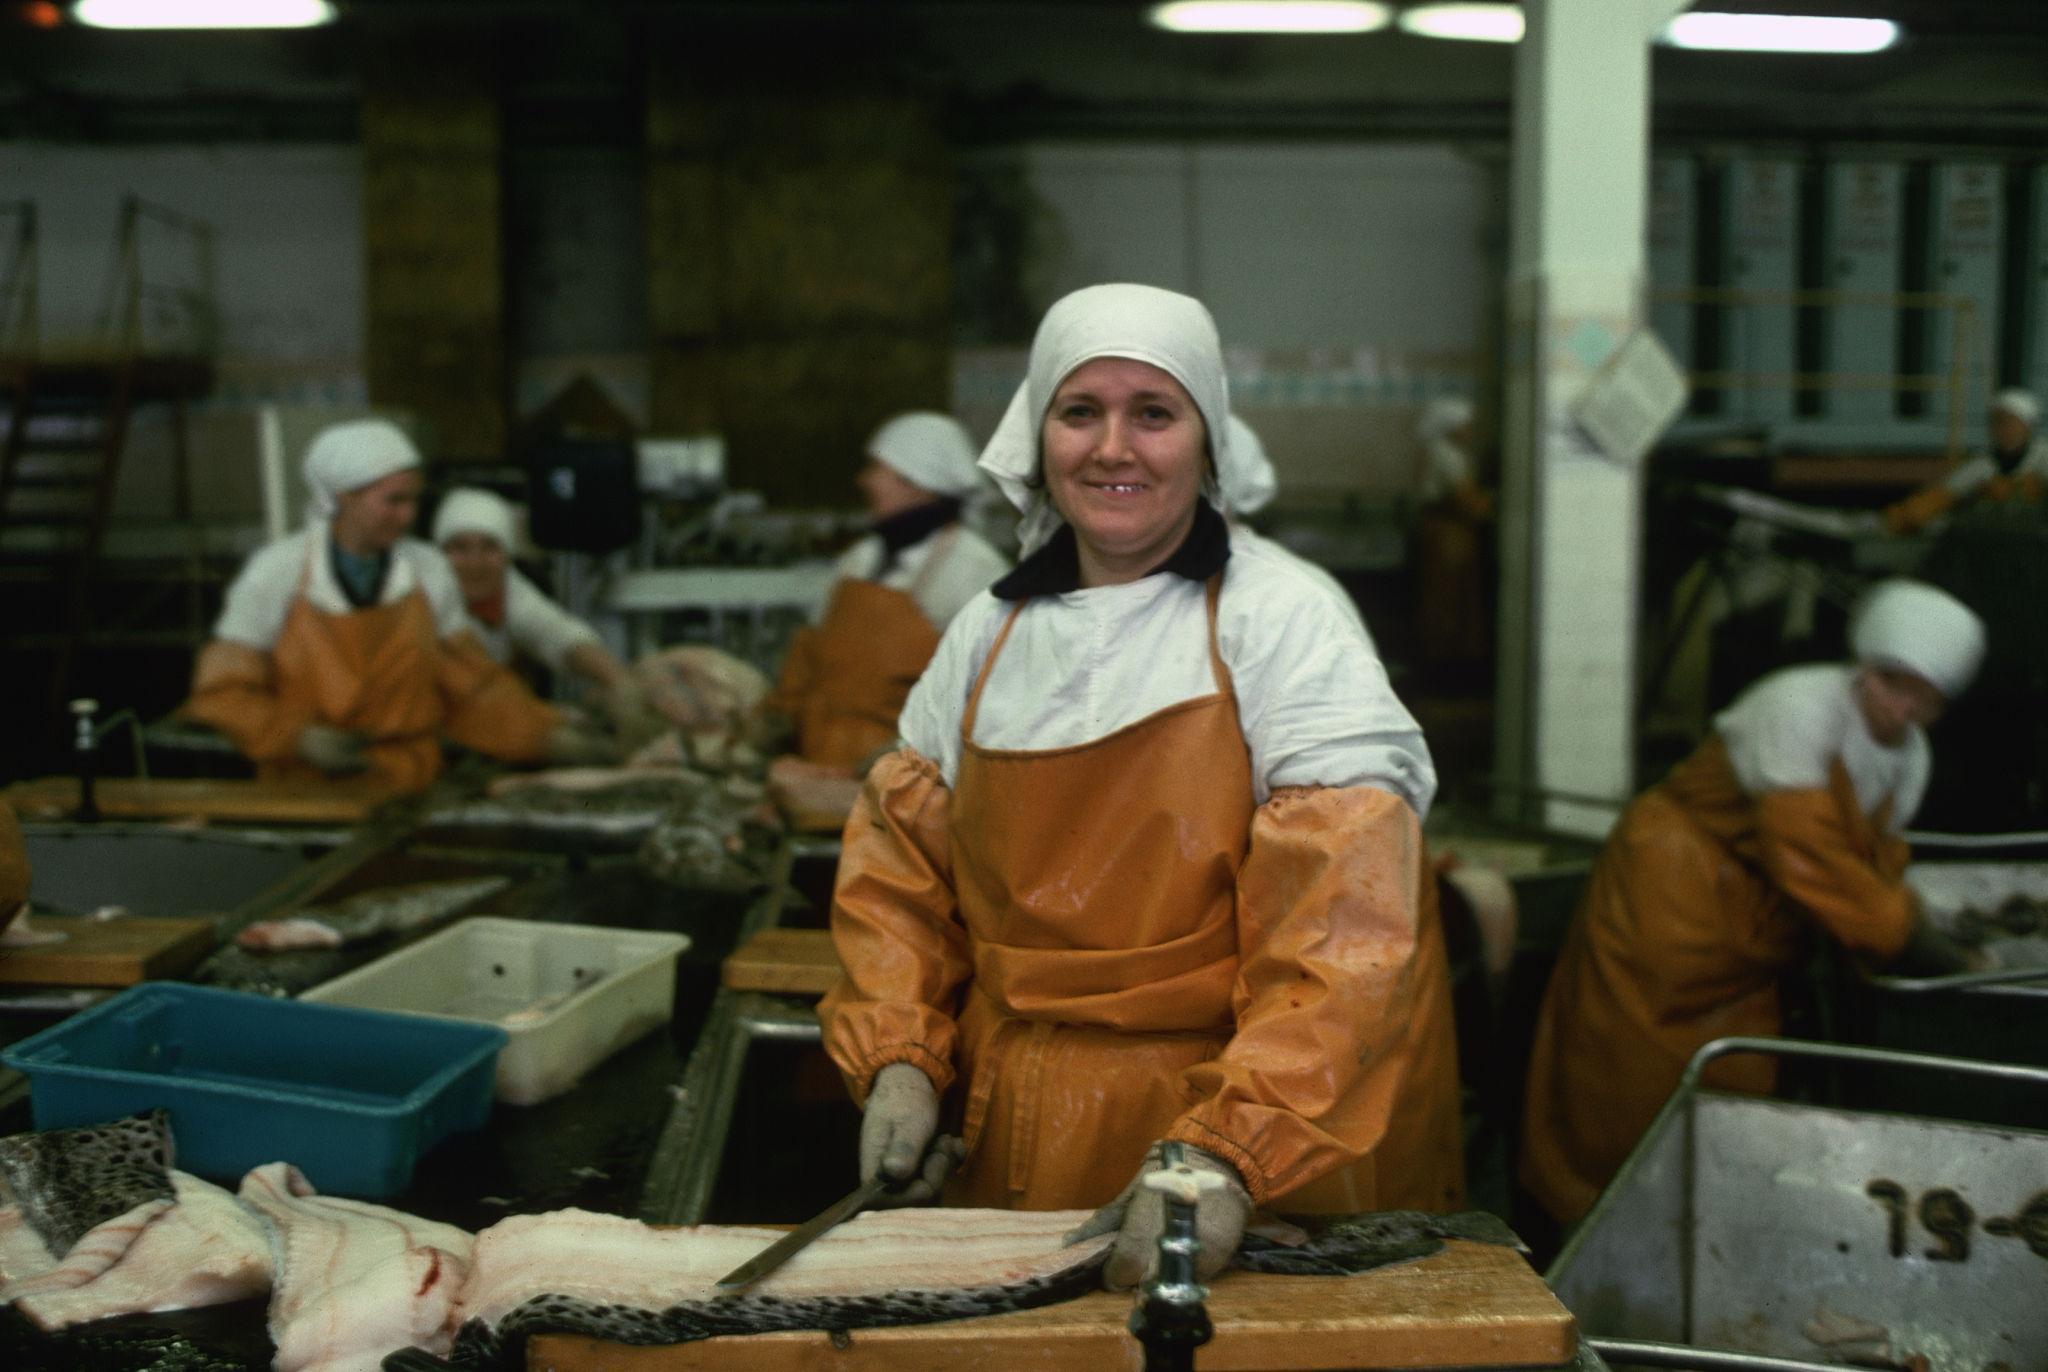 Владивосток. Работницы рыбного консервного завода.jpg